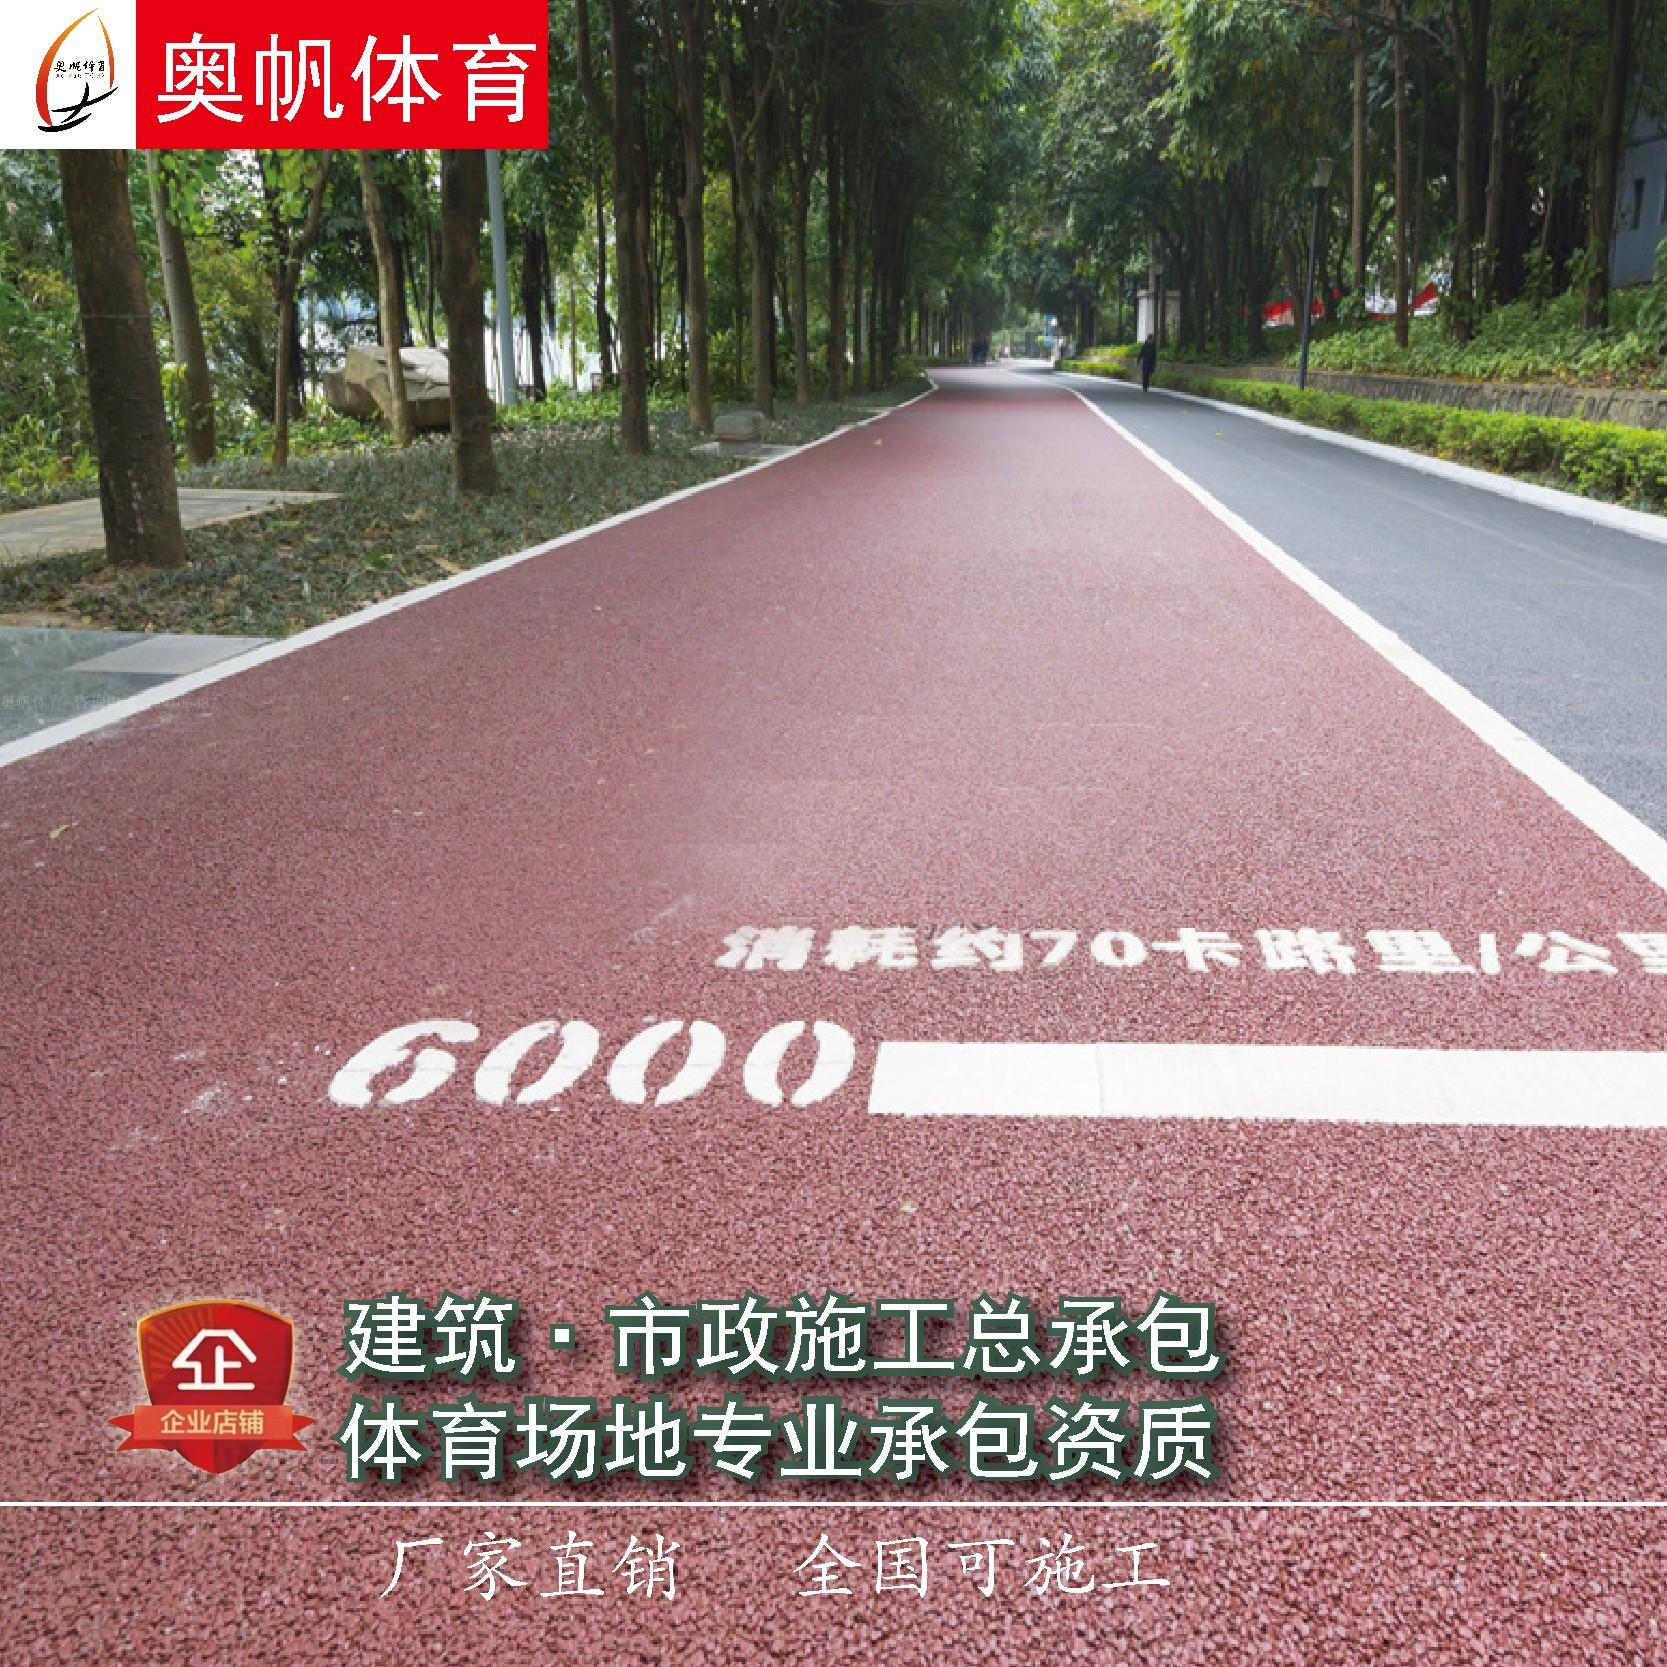 塑胶跑道橡胶地胶垫材料颗料胶水健身步道厂家直销全国施工